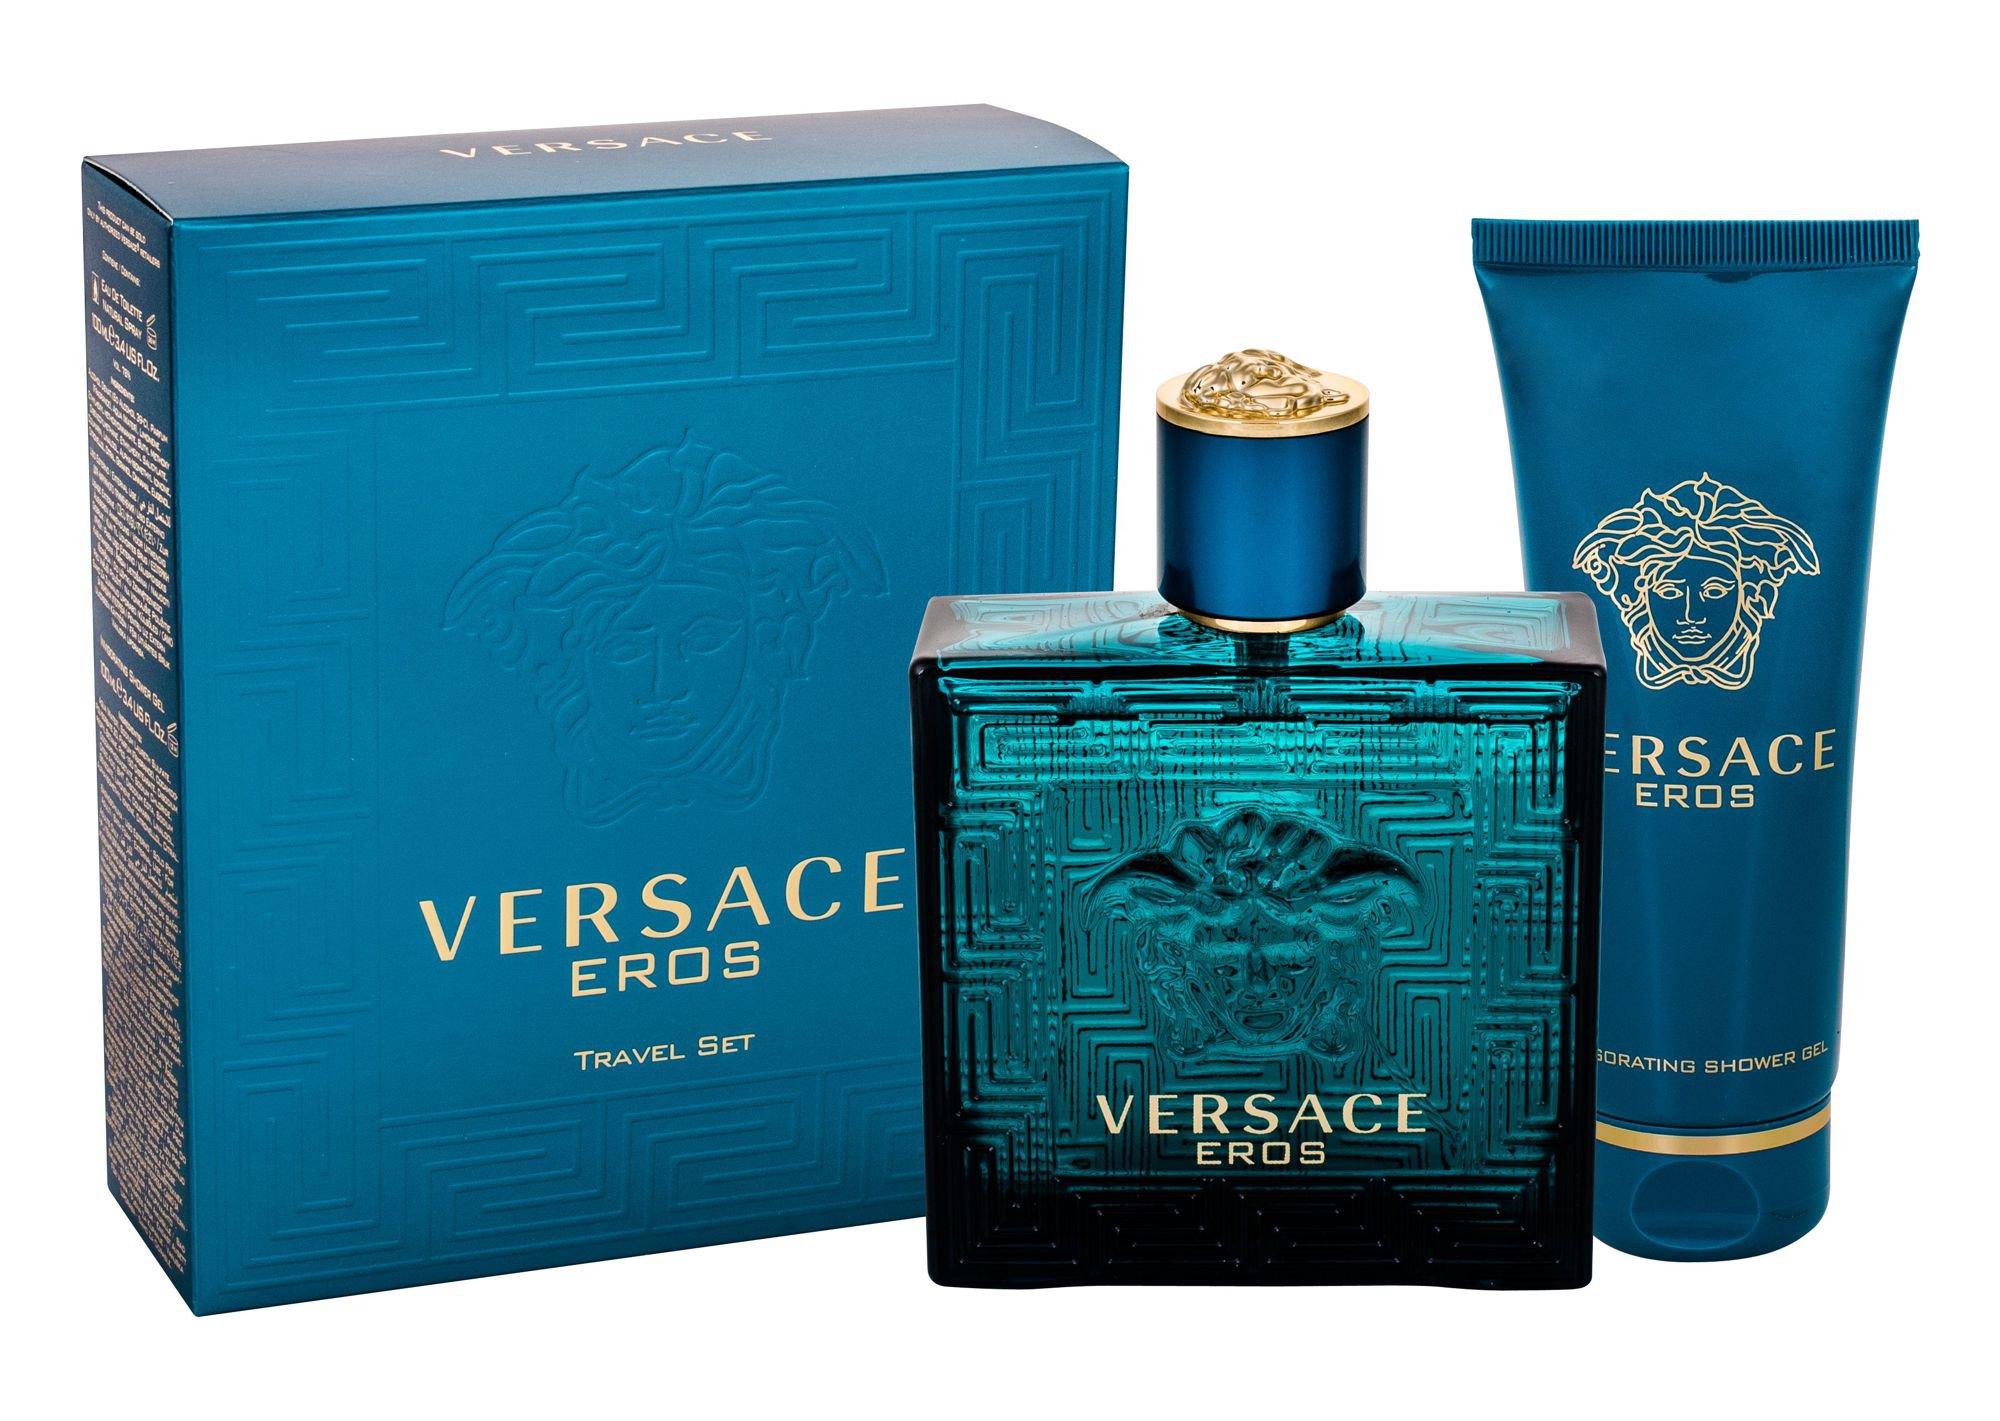 Versace Eros, Toaletní voda 100ml + sprchovací gél 100 ml